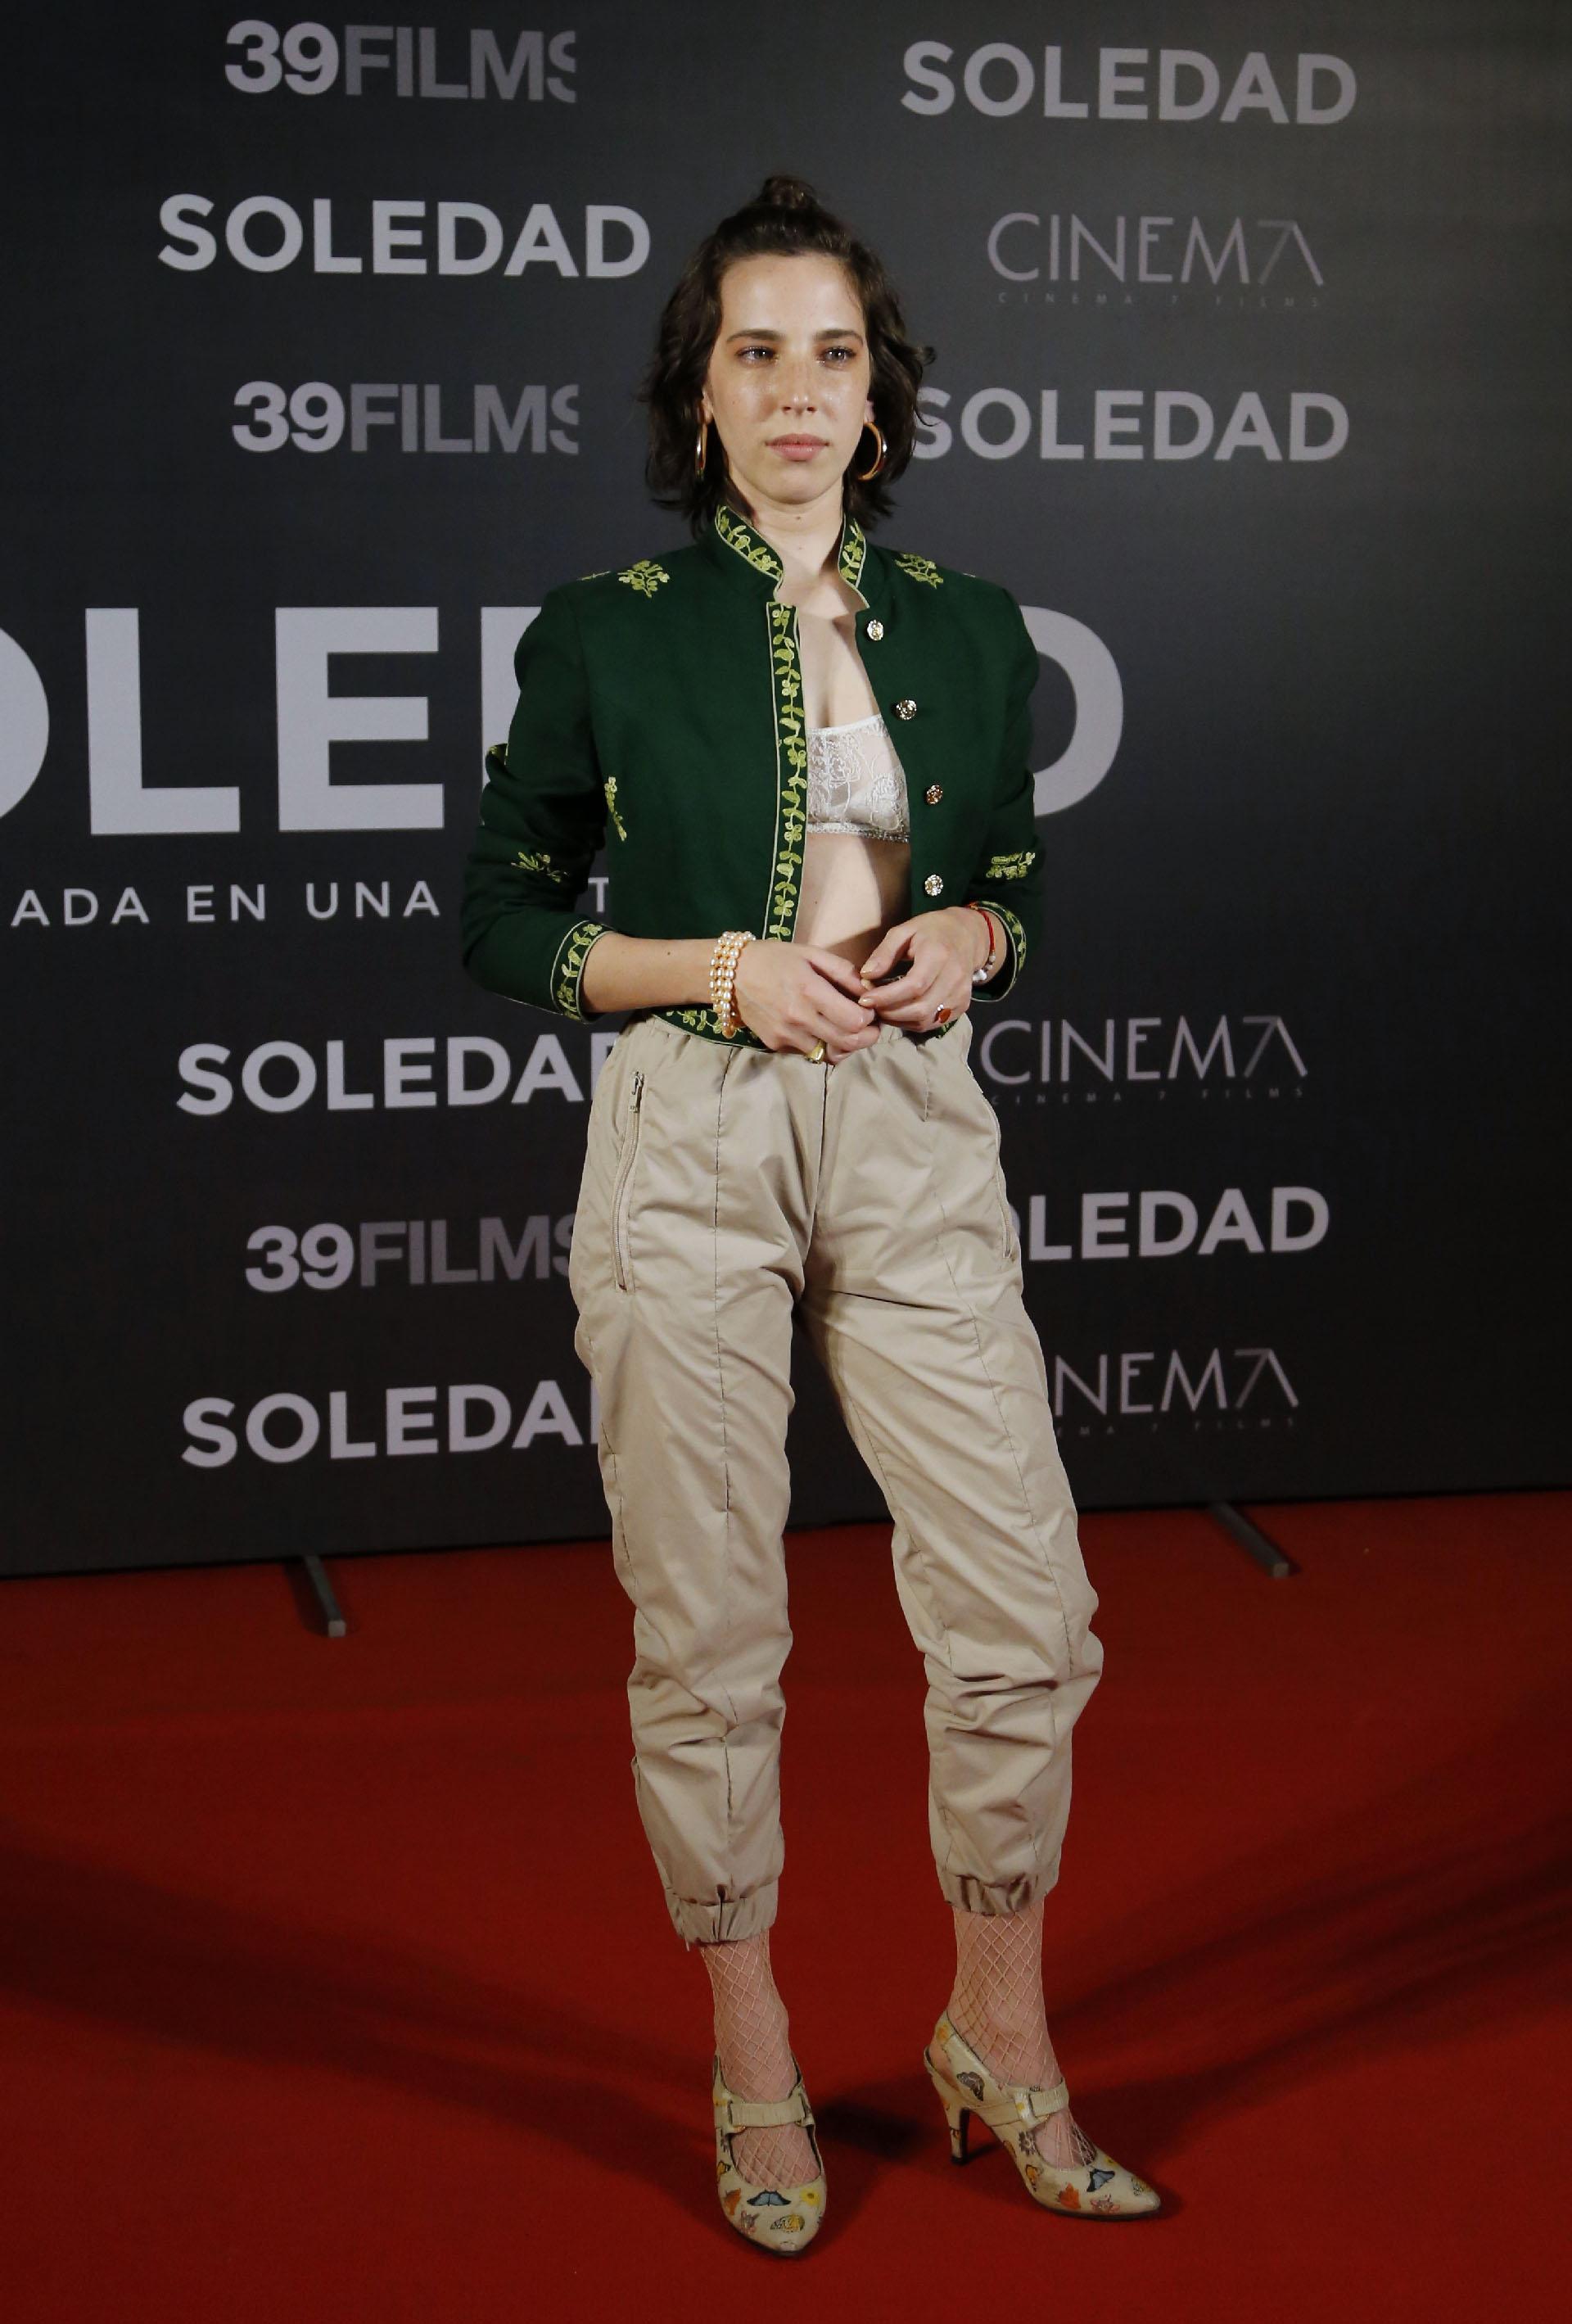 La película cuenta la historia de María Soledad Rosas (interpretada por Vera Spinetta), la joven argentina de 23 años cuyo suicidio la convirtió en un ícono del movimiento anarquista italiano